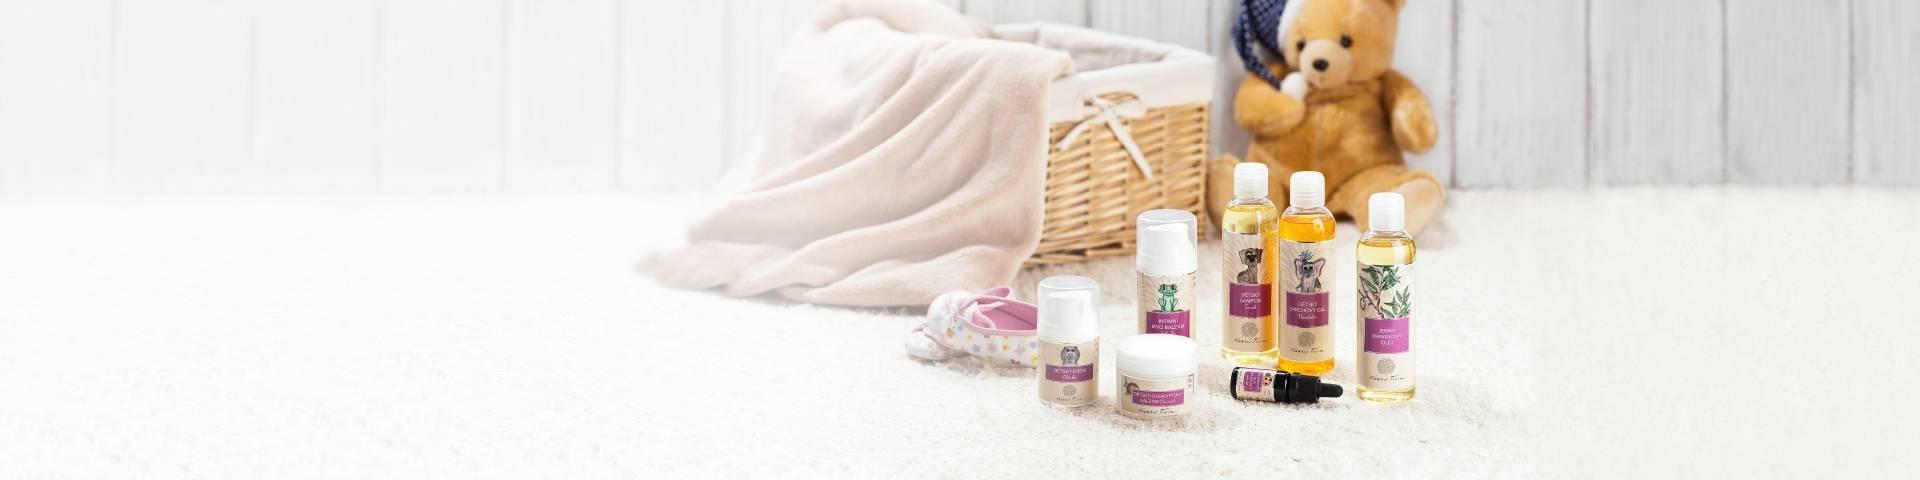 Obrázek kategorie Přírodní kosmetika pro děti a novorozence